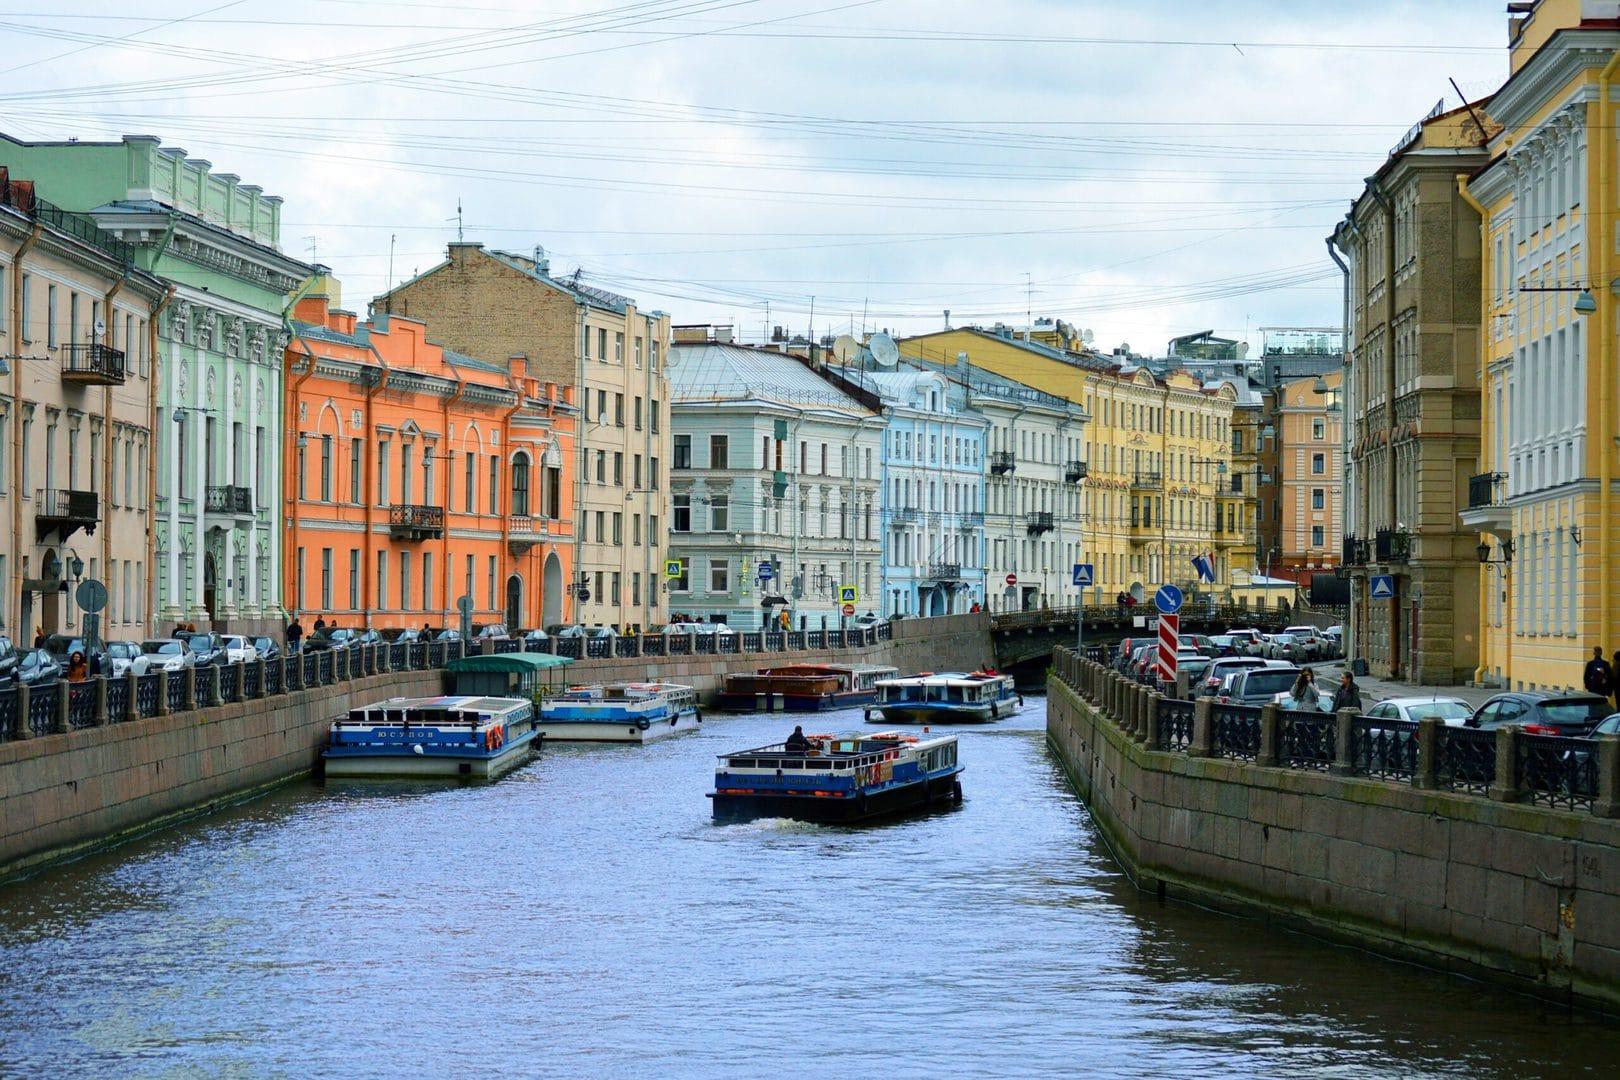 Sejltur på Skt. Petersborgs kanaler